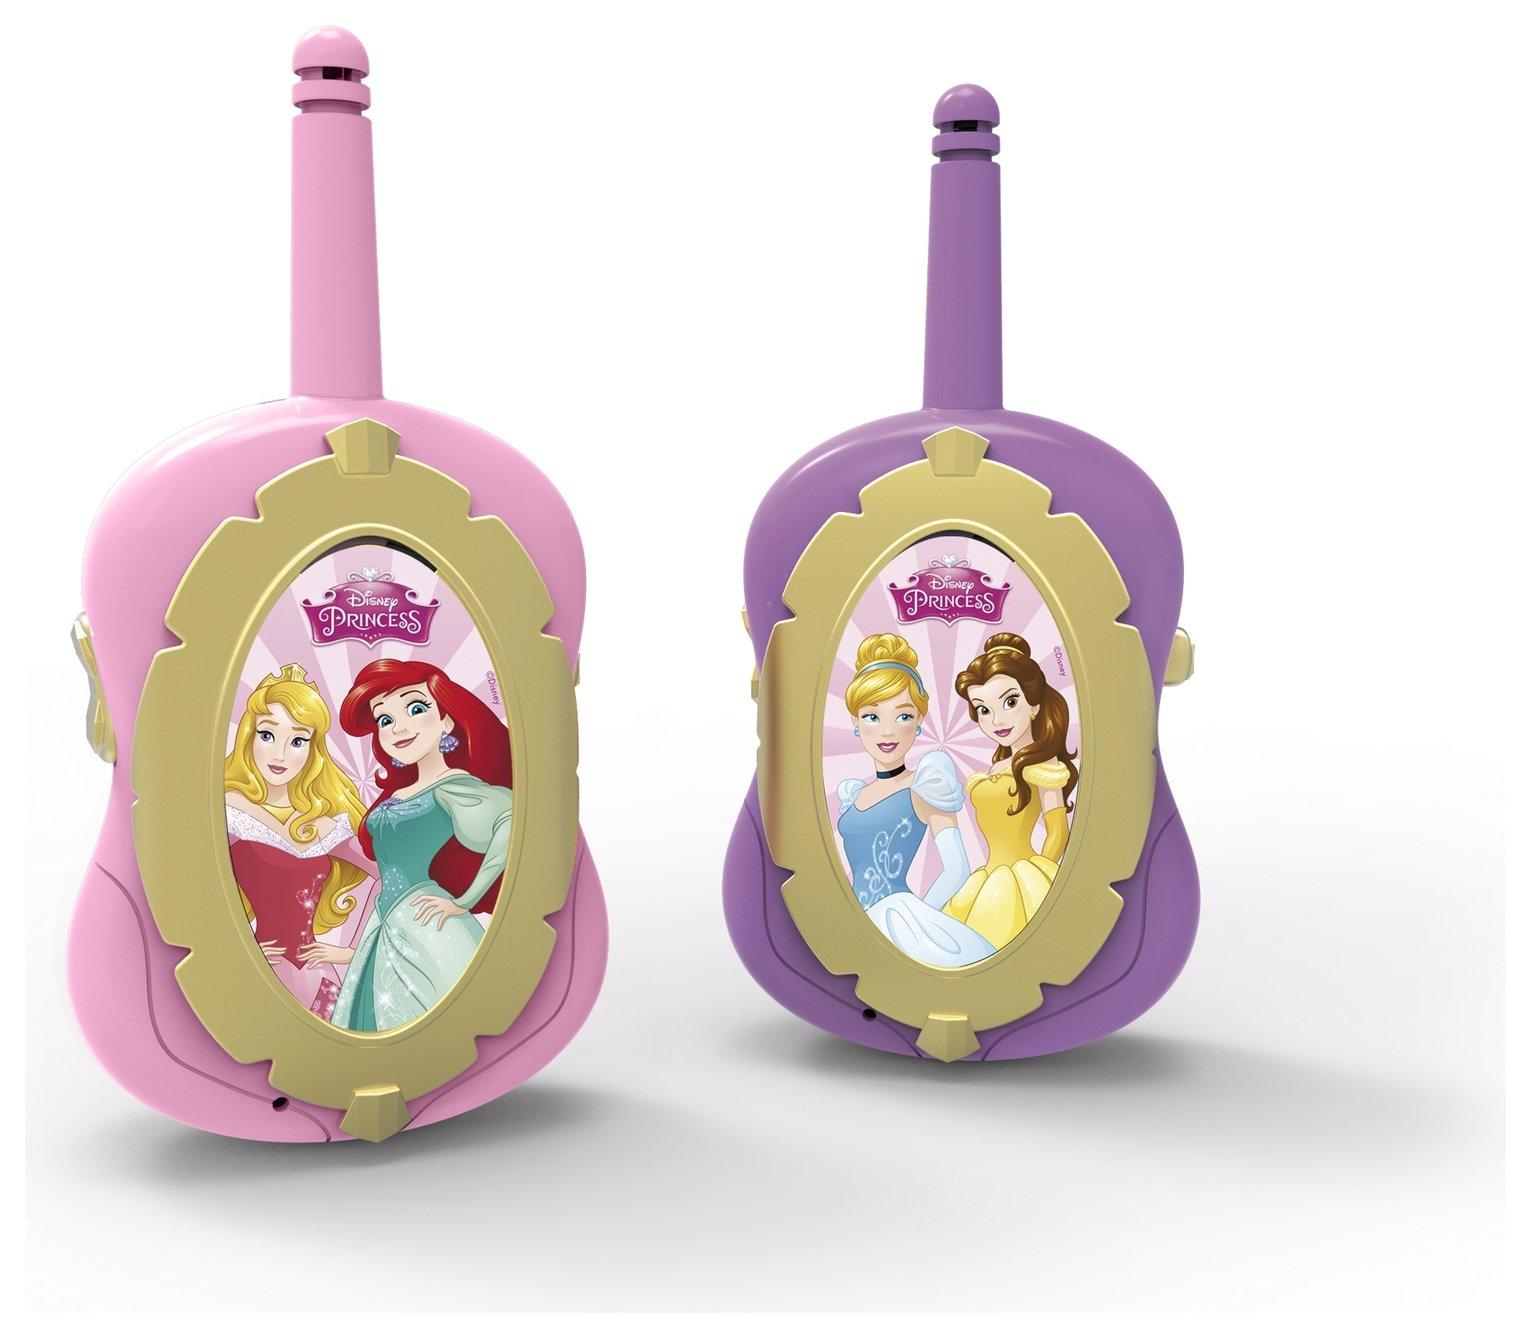 Image of Disney Princess Walkie Talkies.